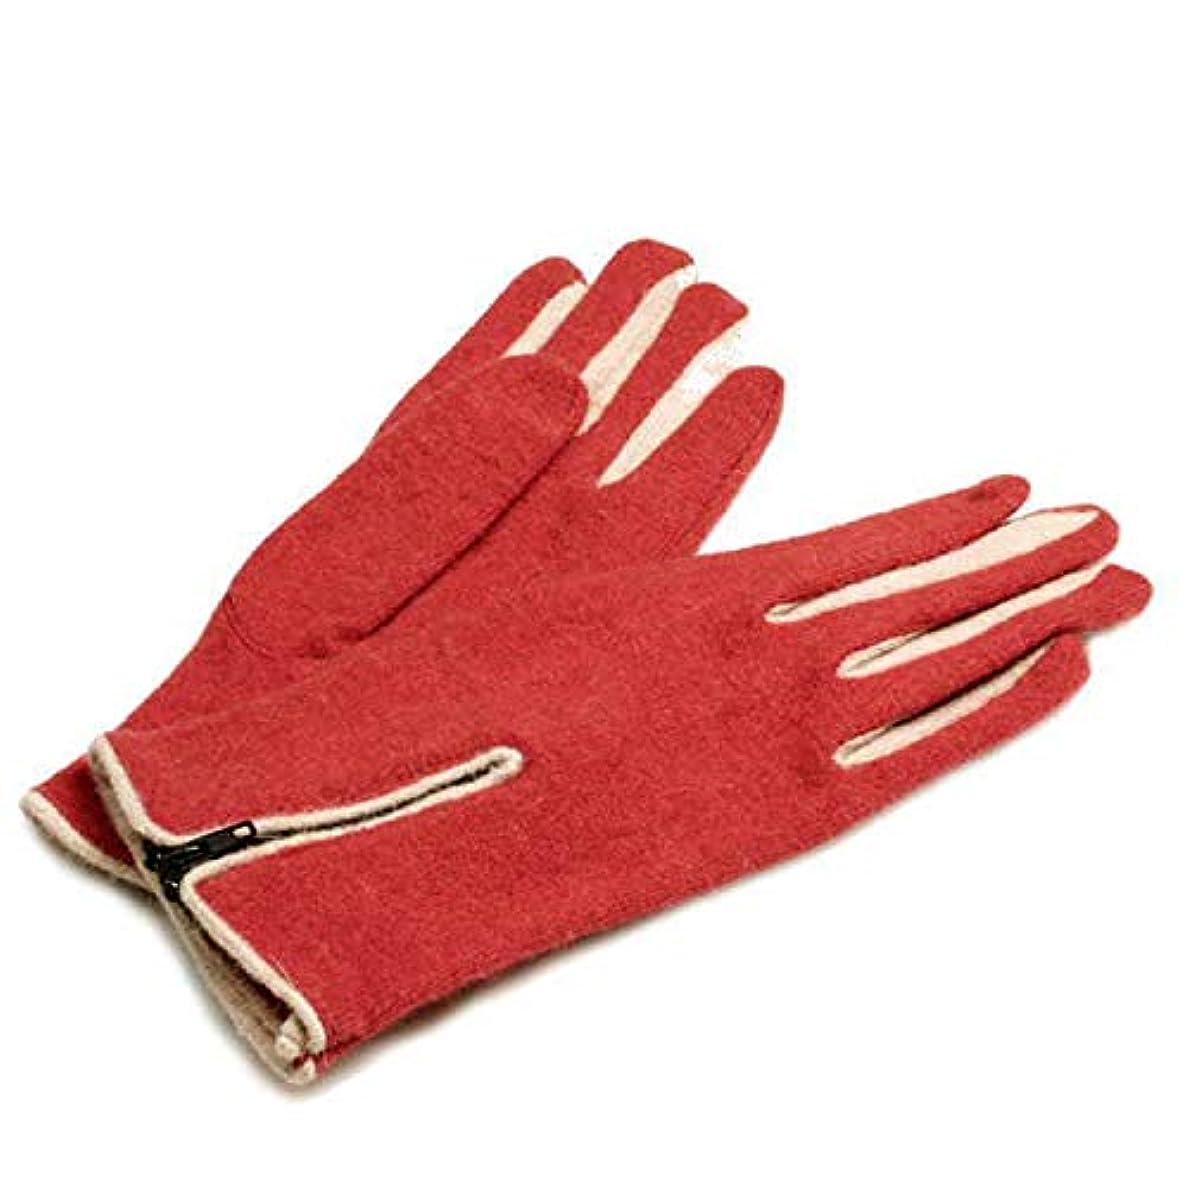 トン月曜日宇宙の秋と冬レディースフィンガー手袋ショートセクション厚手のウール手袋乗馬ウォーム手袋を運転する